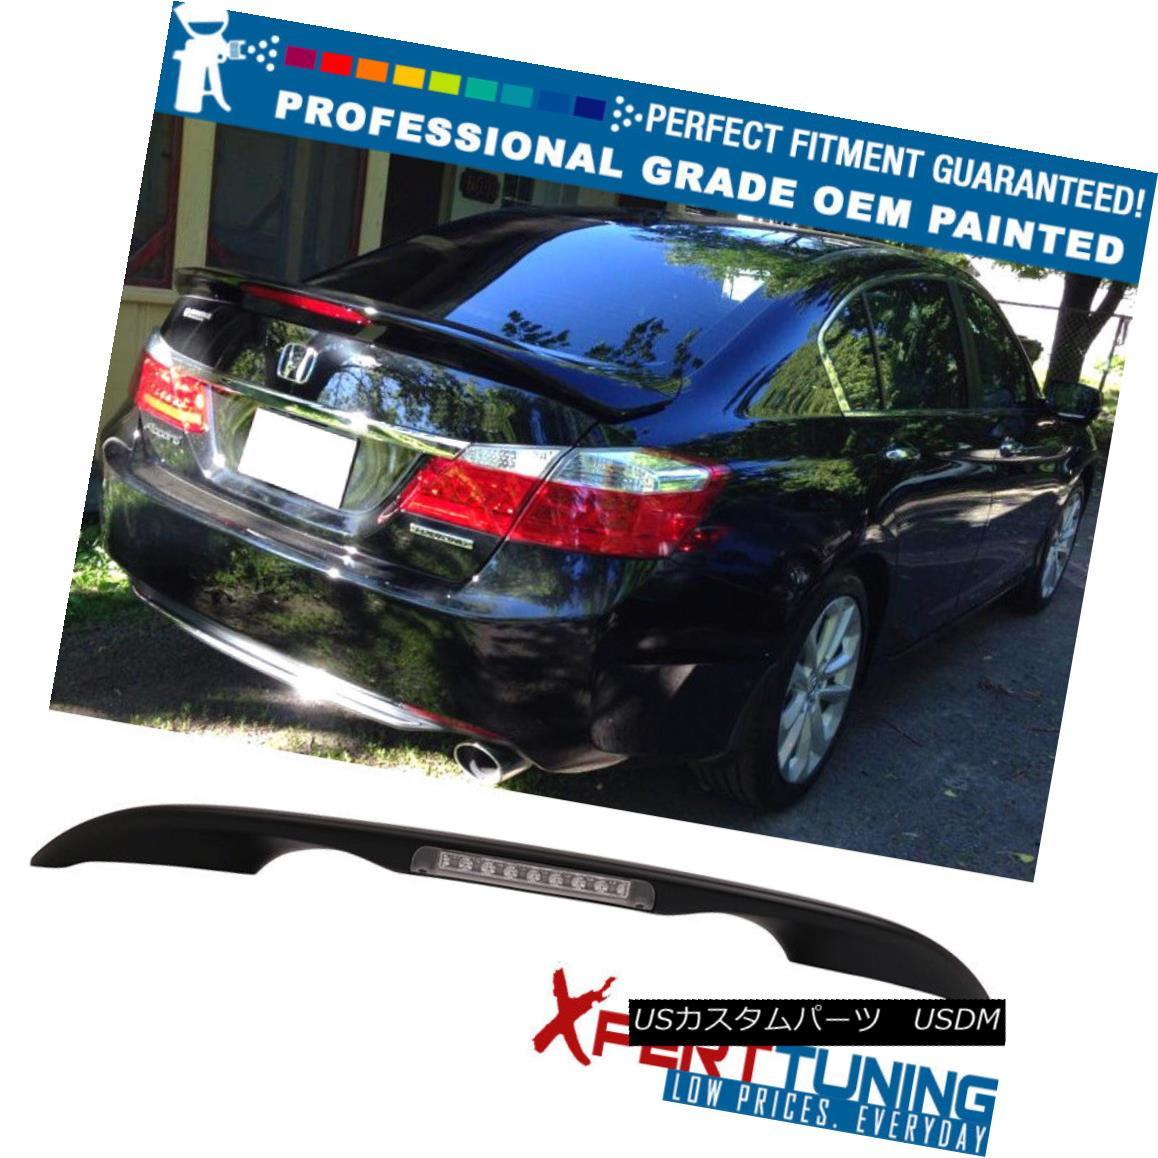 エアロパーツ Fits 13-17 Honda Accord Sedan OE Factory LED Trunk Spoiler - OEM Painted Color フィット13-17ホンダアコードセダンOE工場LEDトランクスポイラー - OEM塗装色